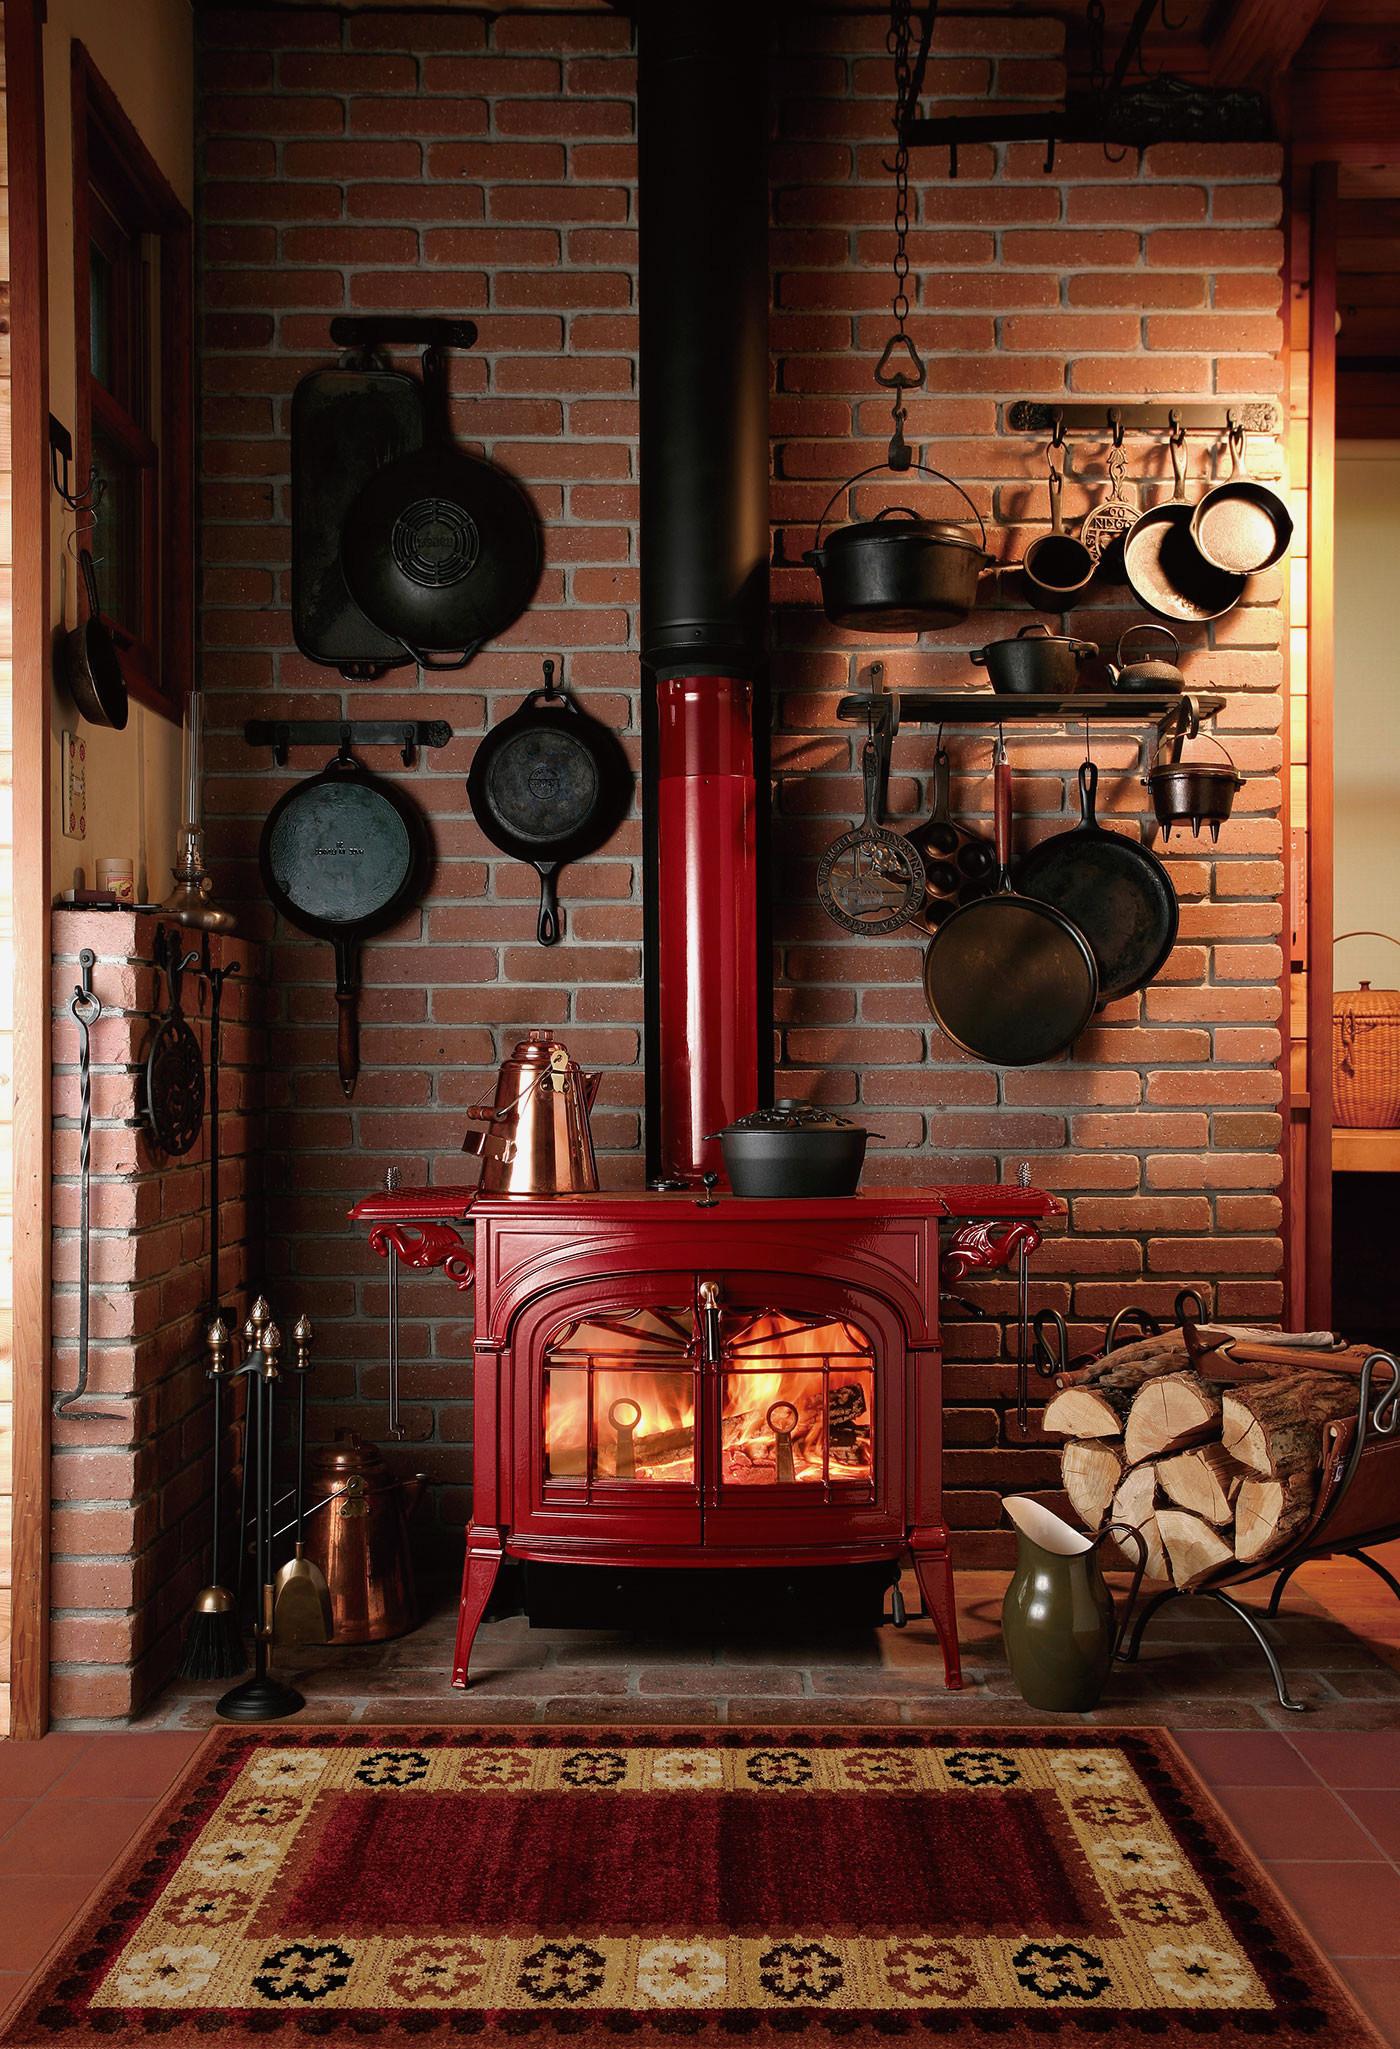 Русская печка в интерьере: 75 фото, виды конструкций, декор